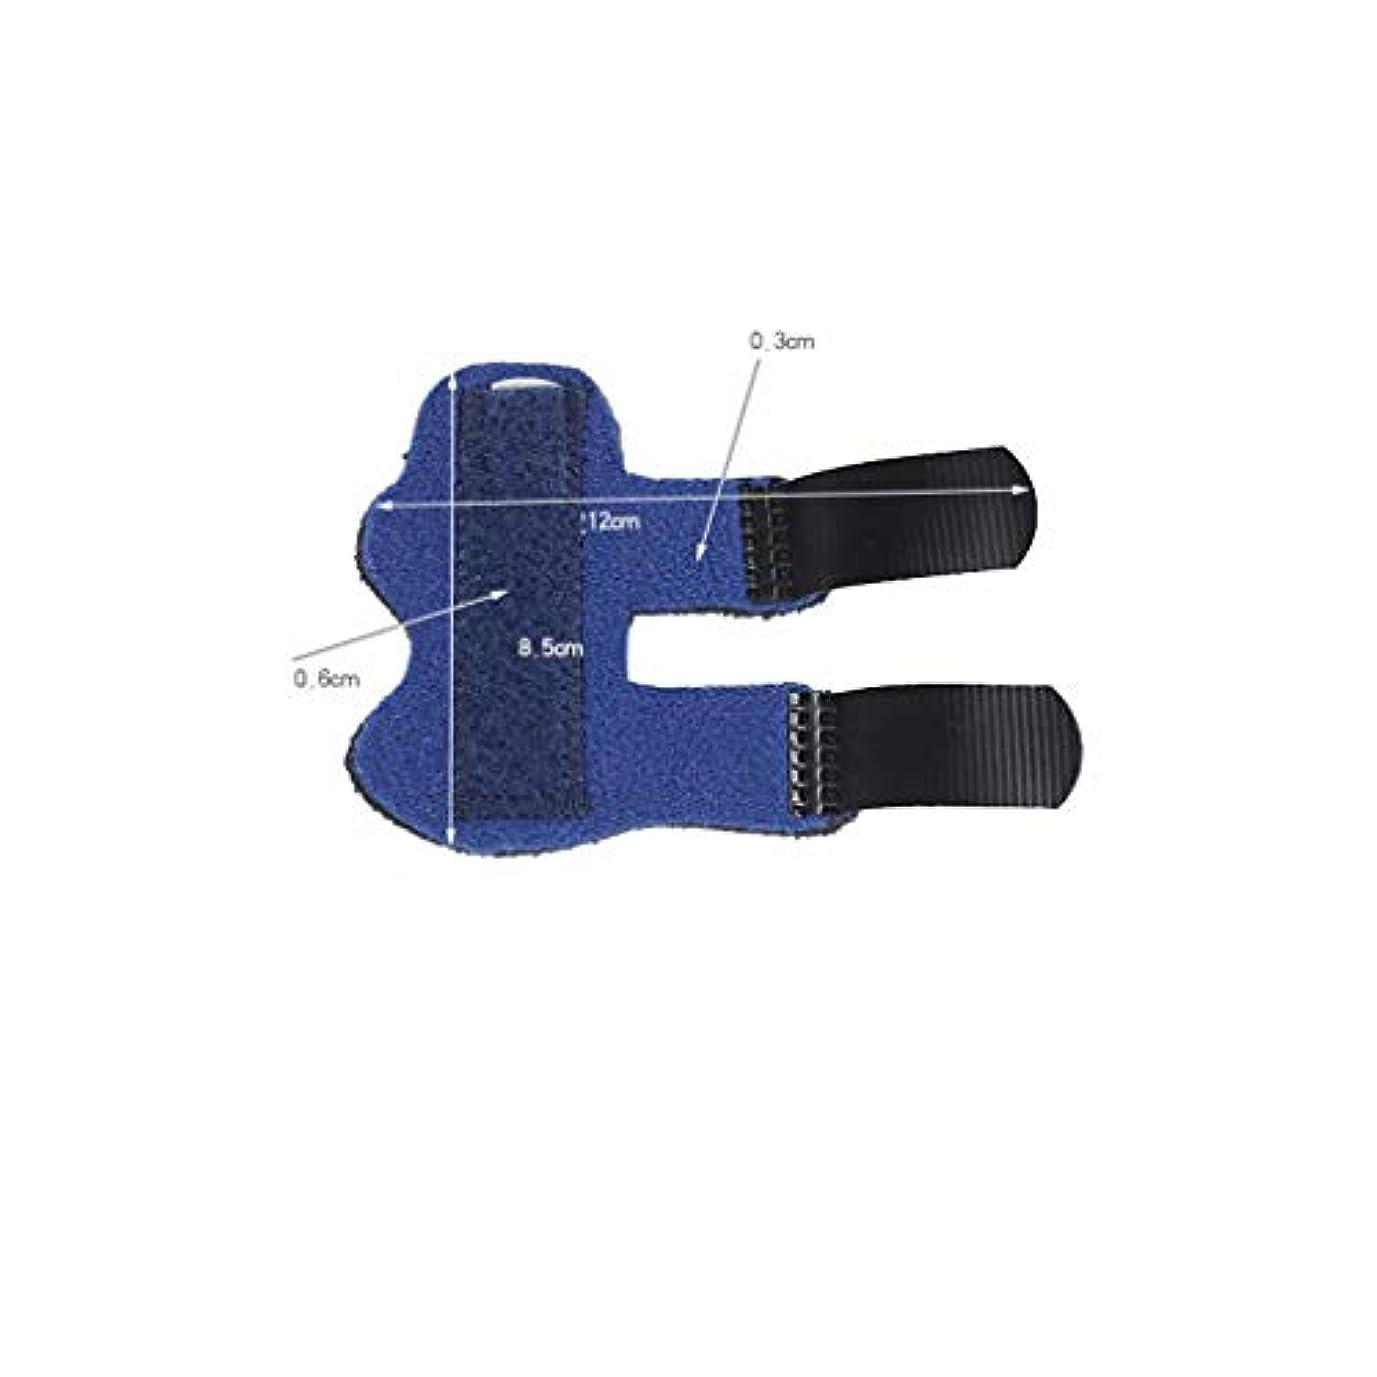 フィンガーサポート、アルミ固定、固定スリーブ、四季用ユニバーサル、指矯正に適し、骨折捻挫,Blue